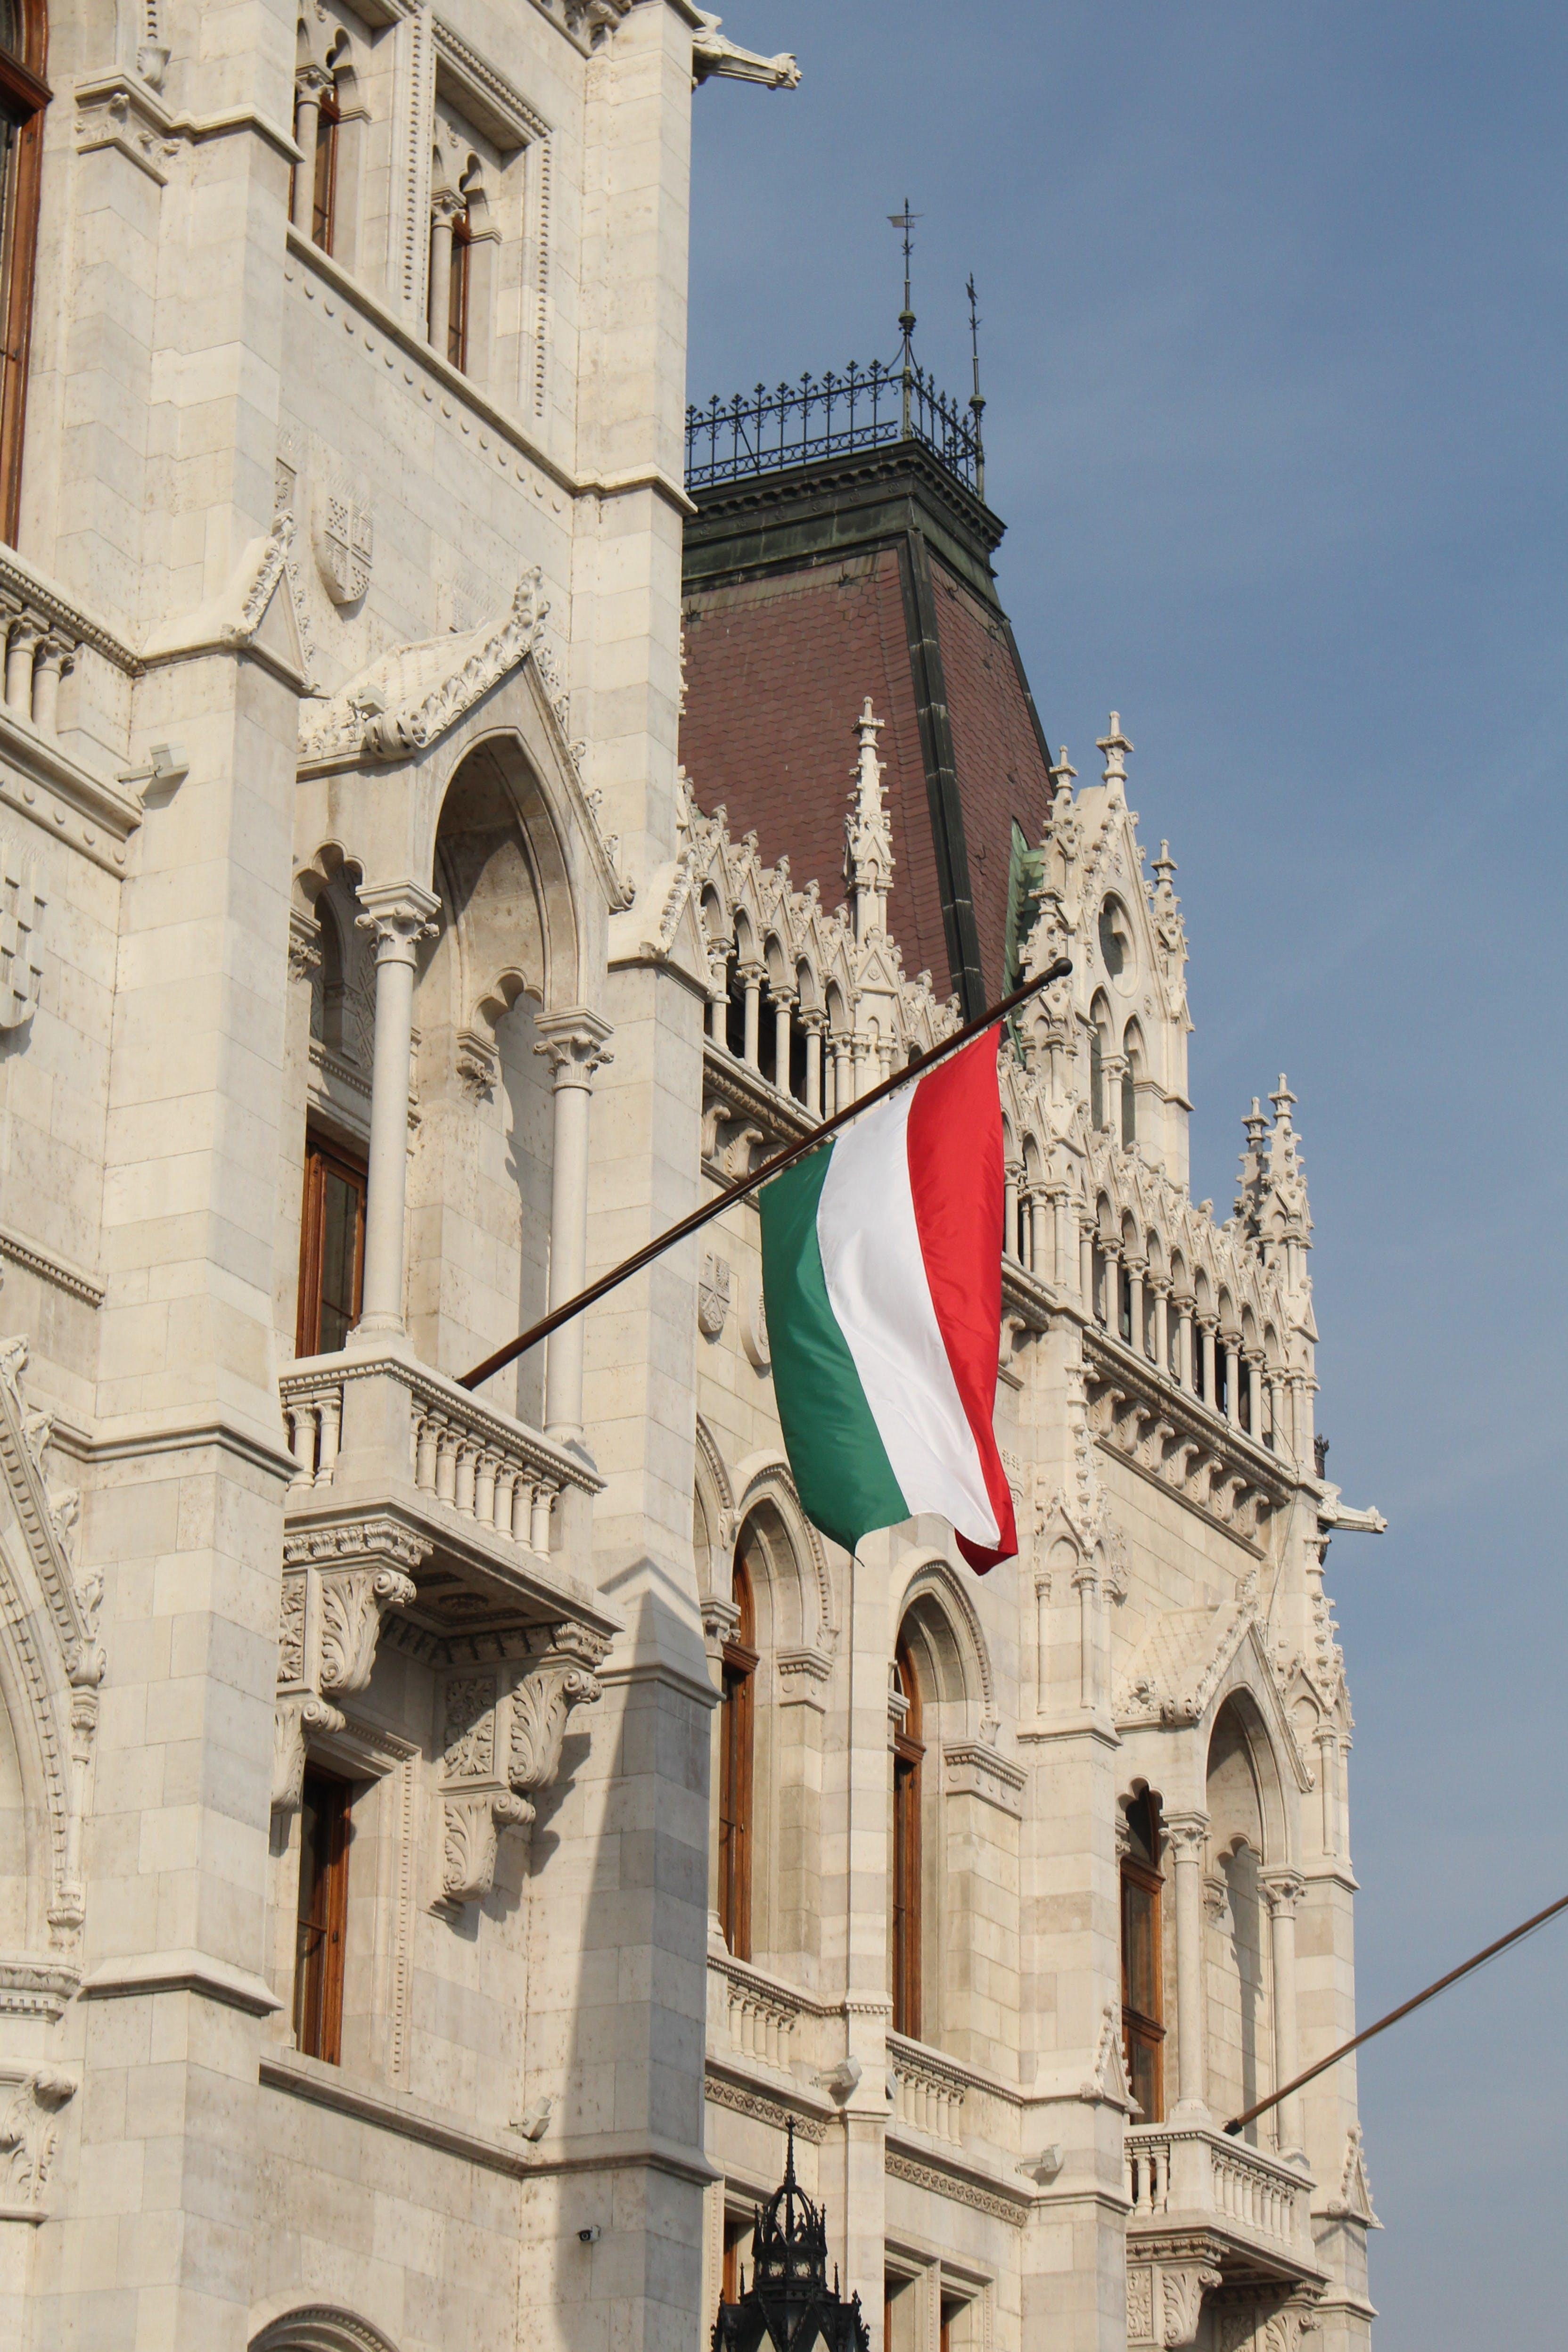 Kostenloses Stock Foto zu budapest, parlament, ungarischen parlamentsgebäude, ungarn